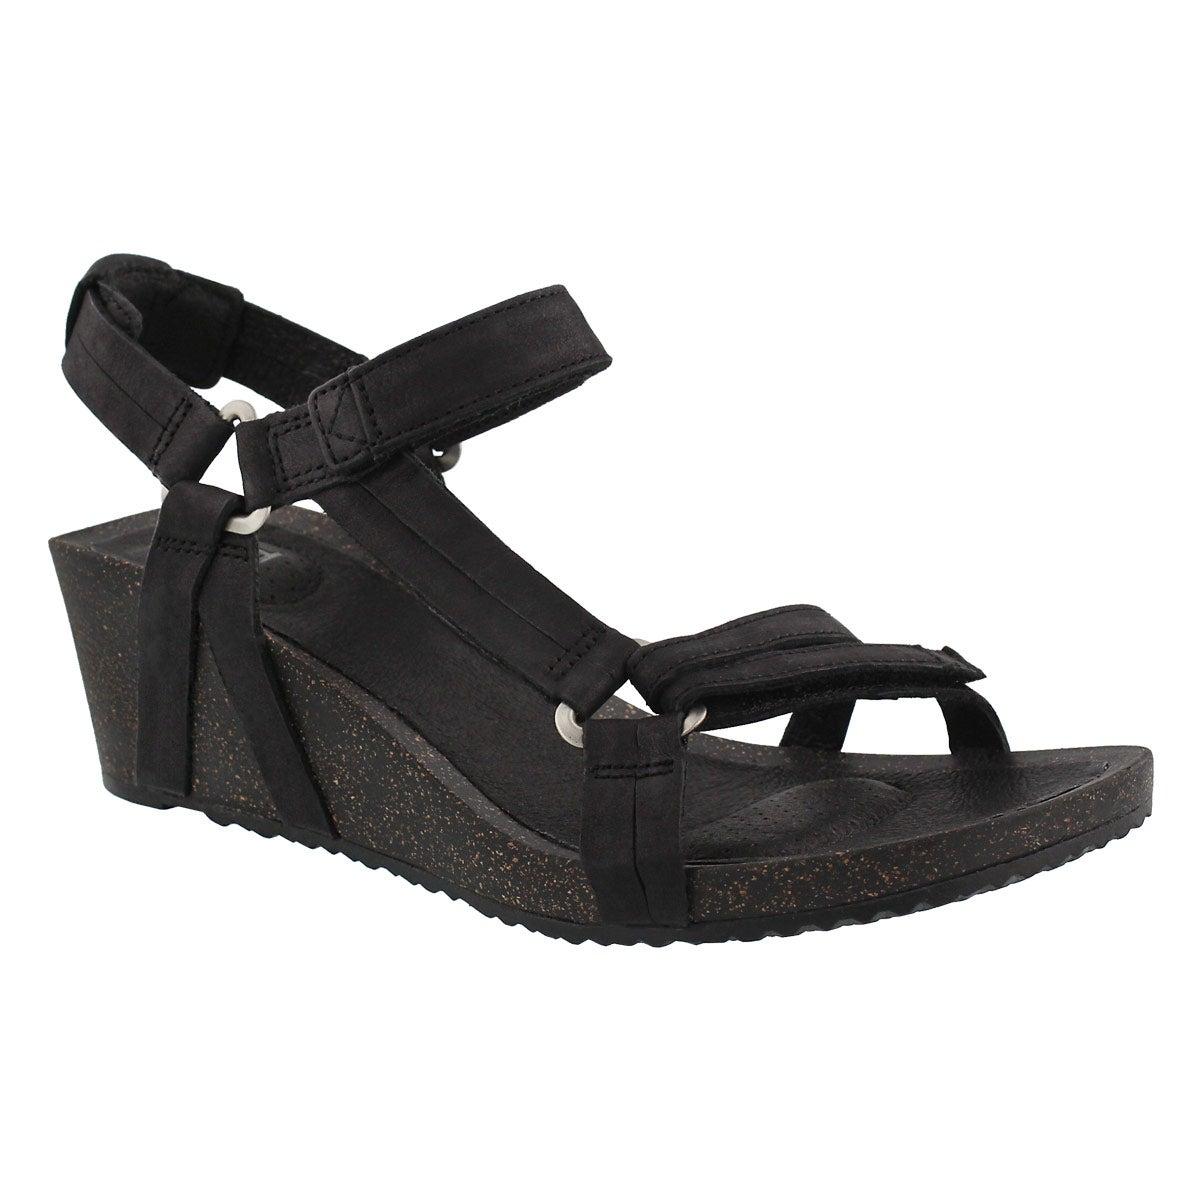 Women's YSIDRO UNIVERSAL black wedge sandals